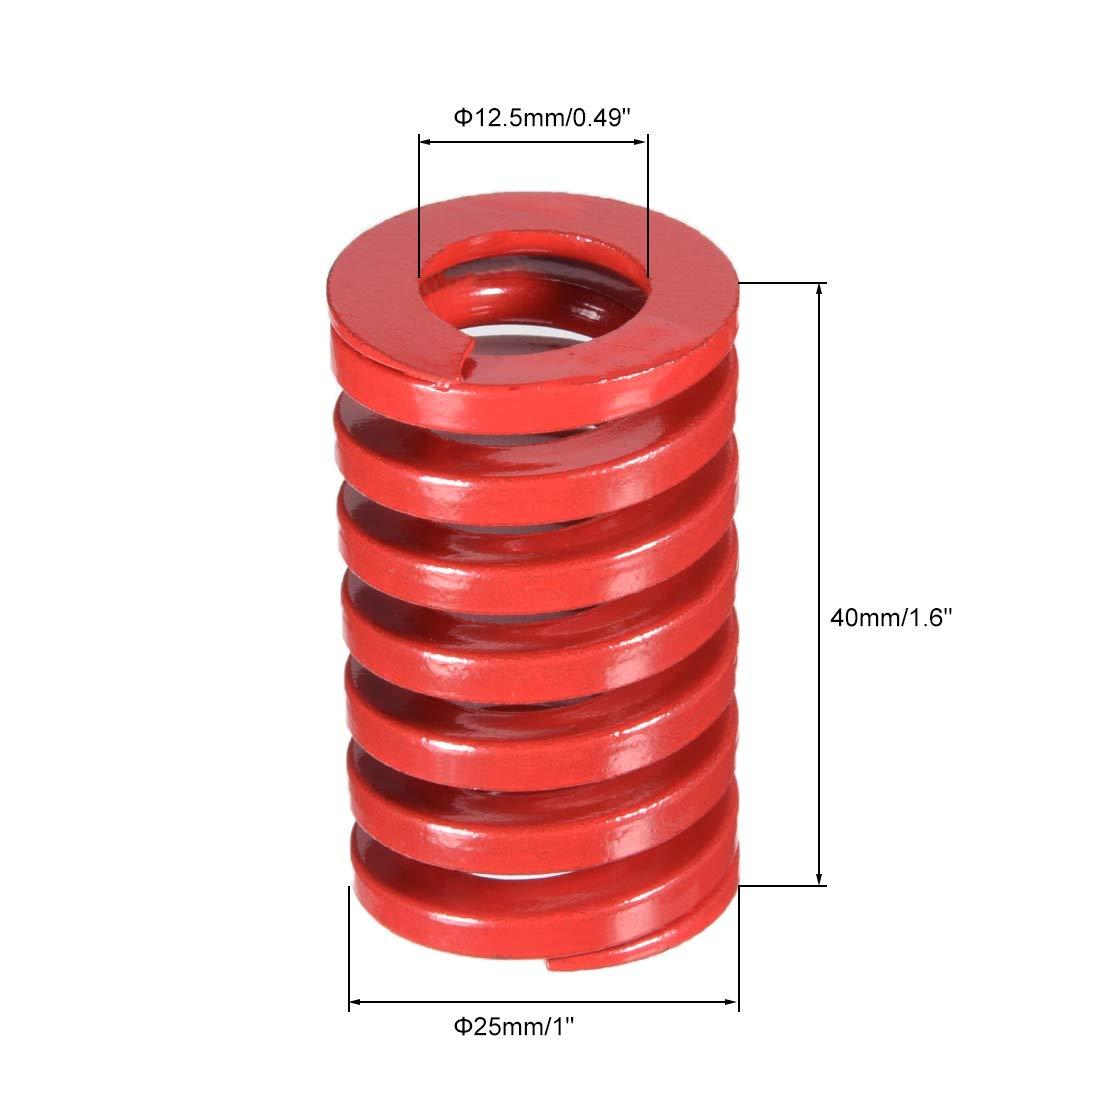 Cubierta de Cuero sint/ético Oro Rosa - Case para Mando y Control de Auto en kwmobile Funda para Llave Plegable de 3 Botones para Coche Alfa Romeo